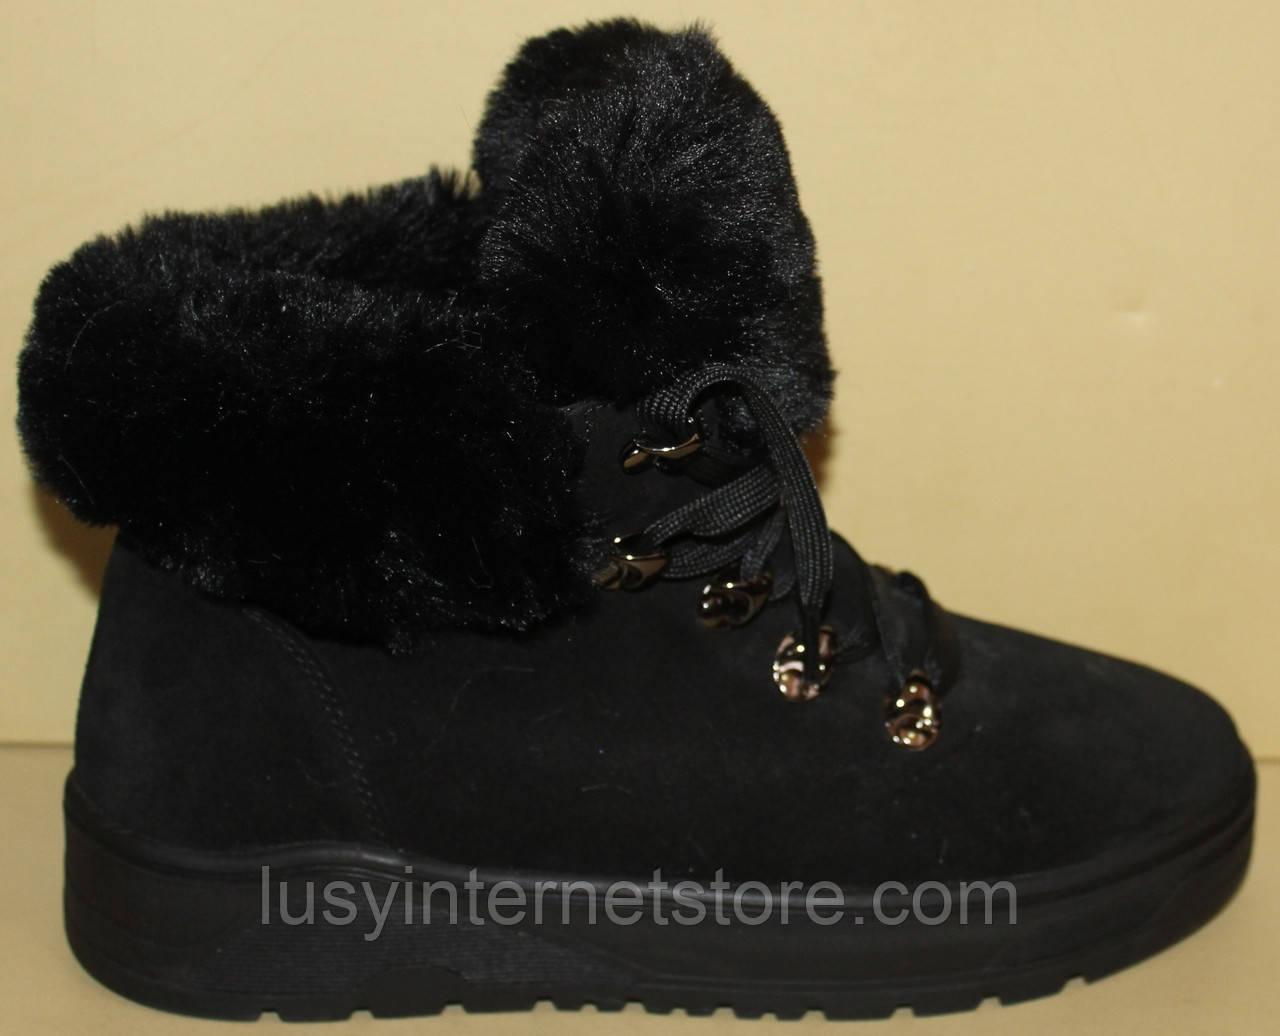 Ботинки женские зимние замшевые на платформе от производителя модель АС13-3